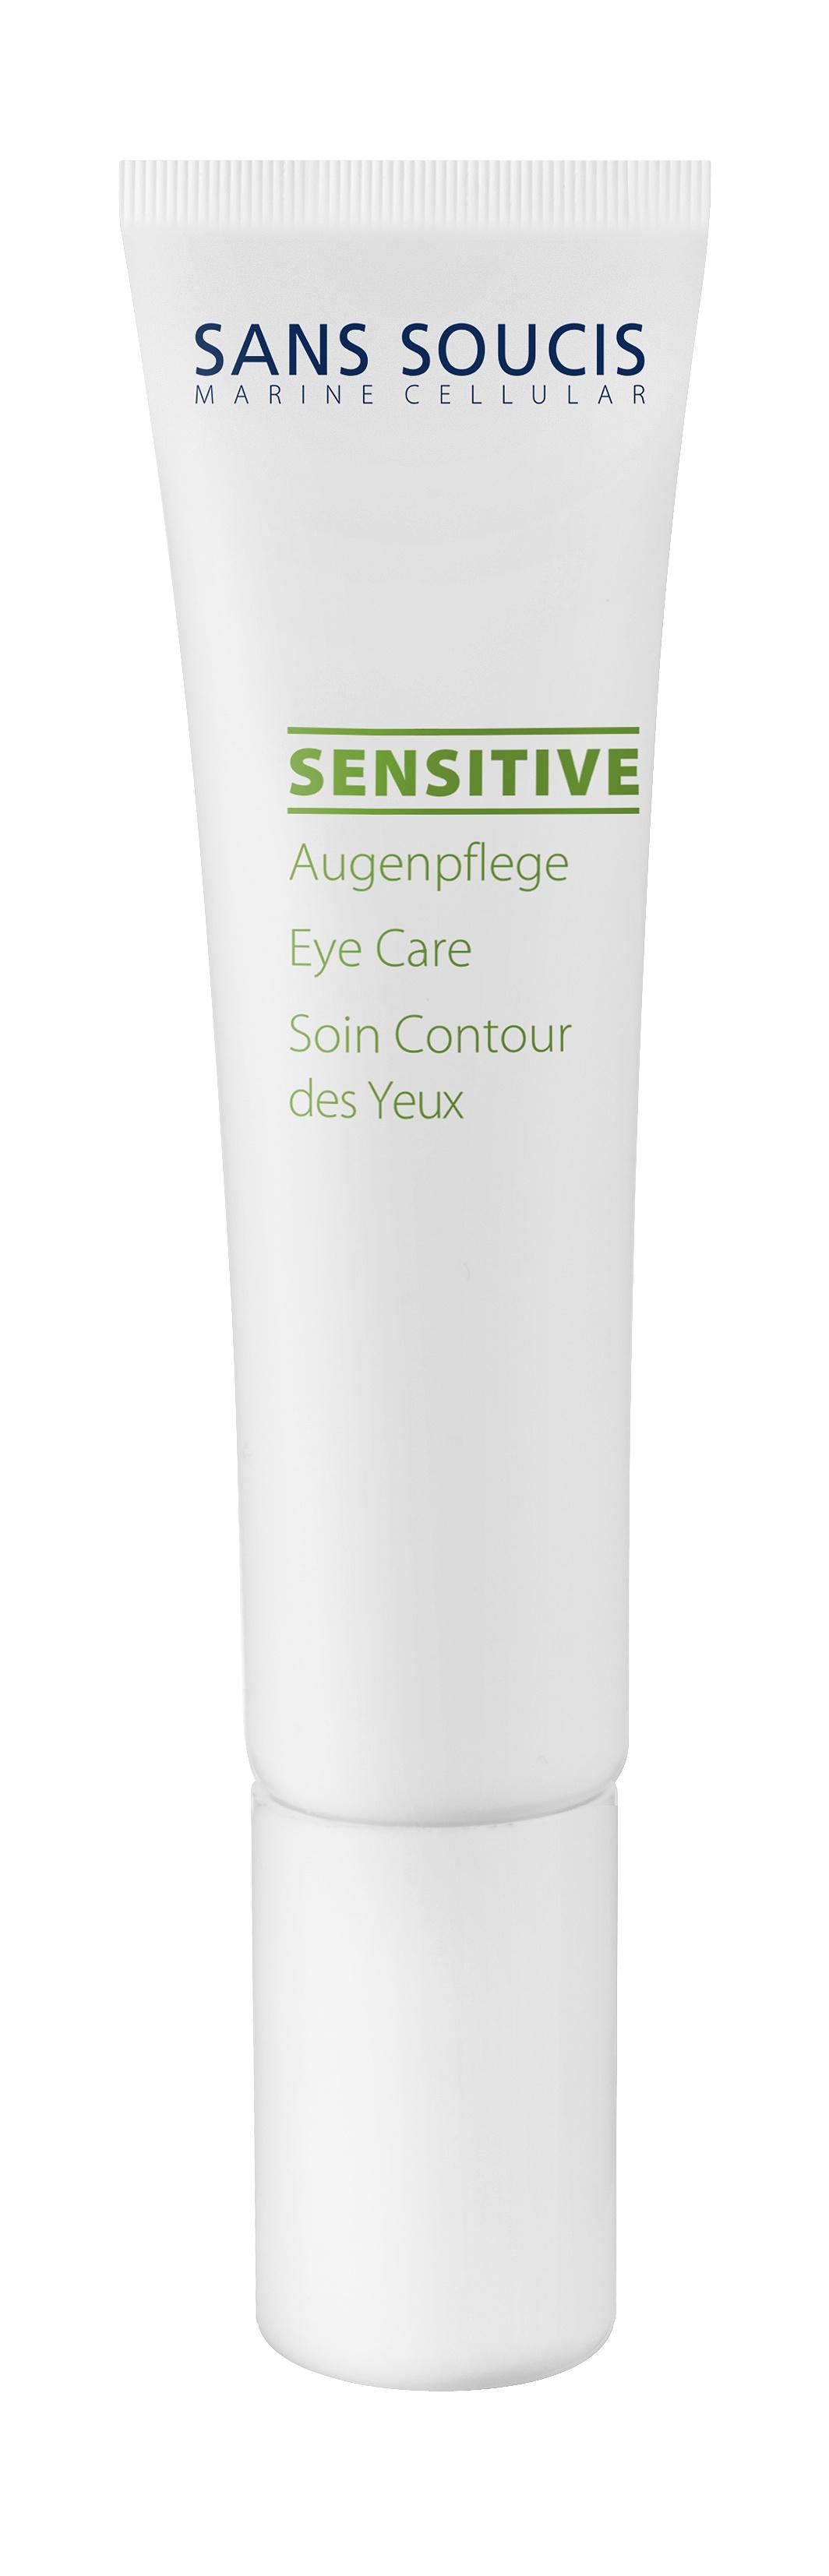 Крем для кожи вокруг глаз Sans Soucis «Sensitive», 15 мл